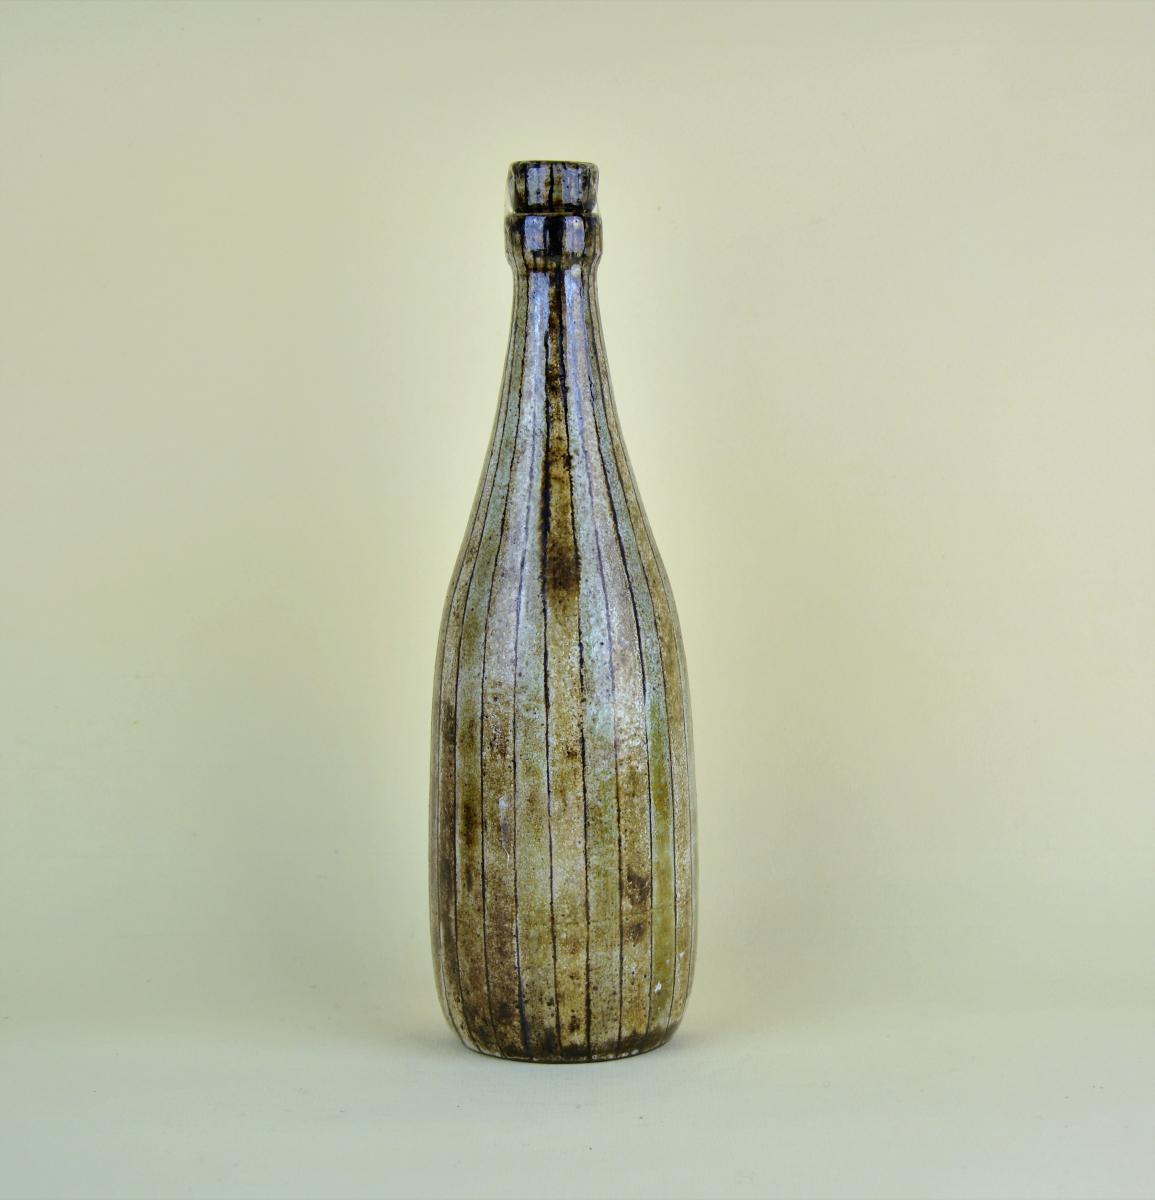 Atelier Du Vieux Moulin, Alcohol Bottle.